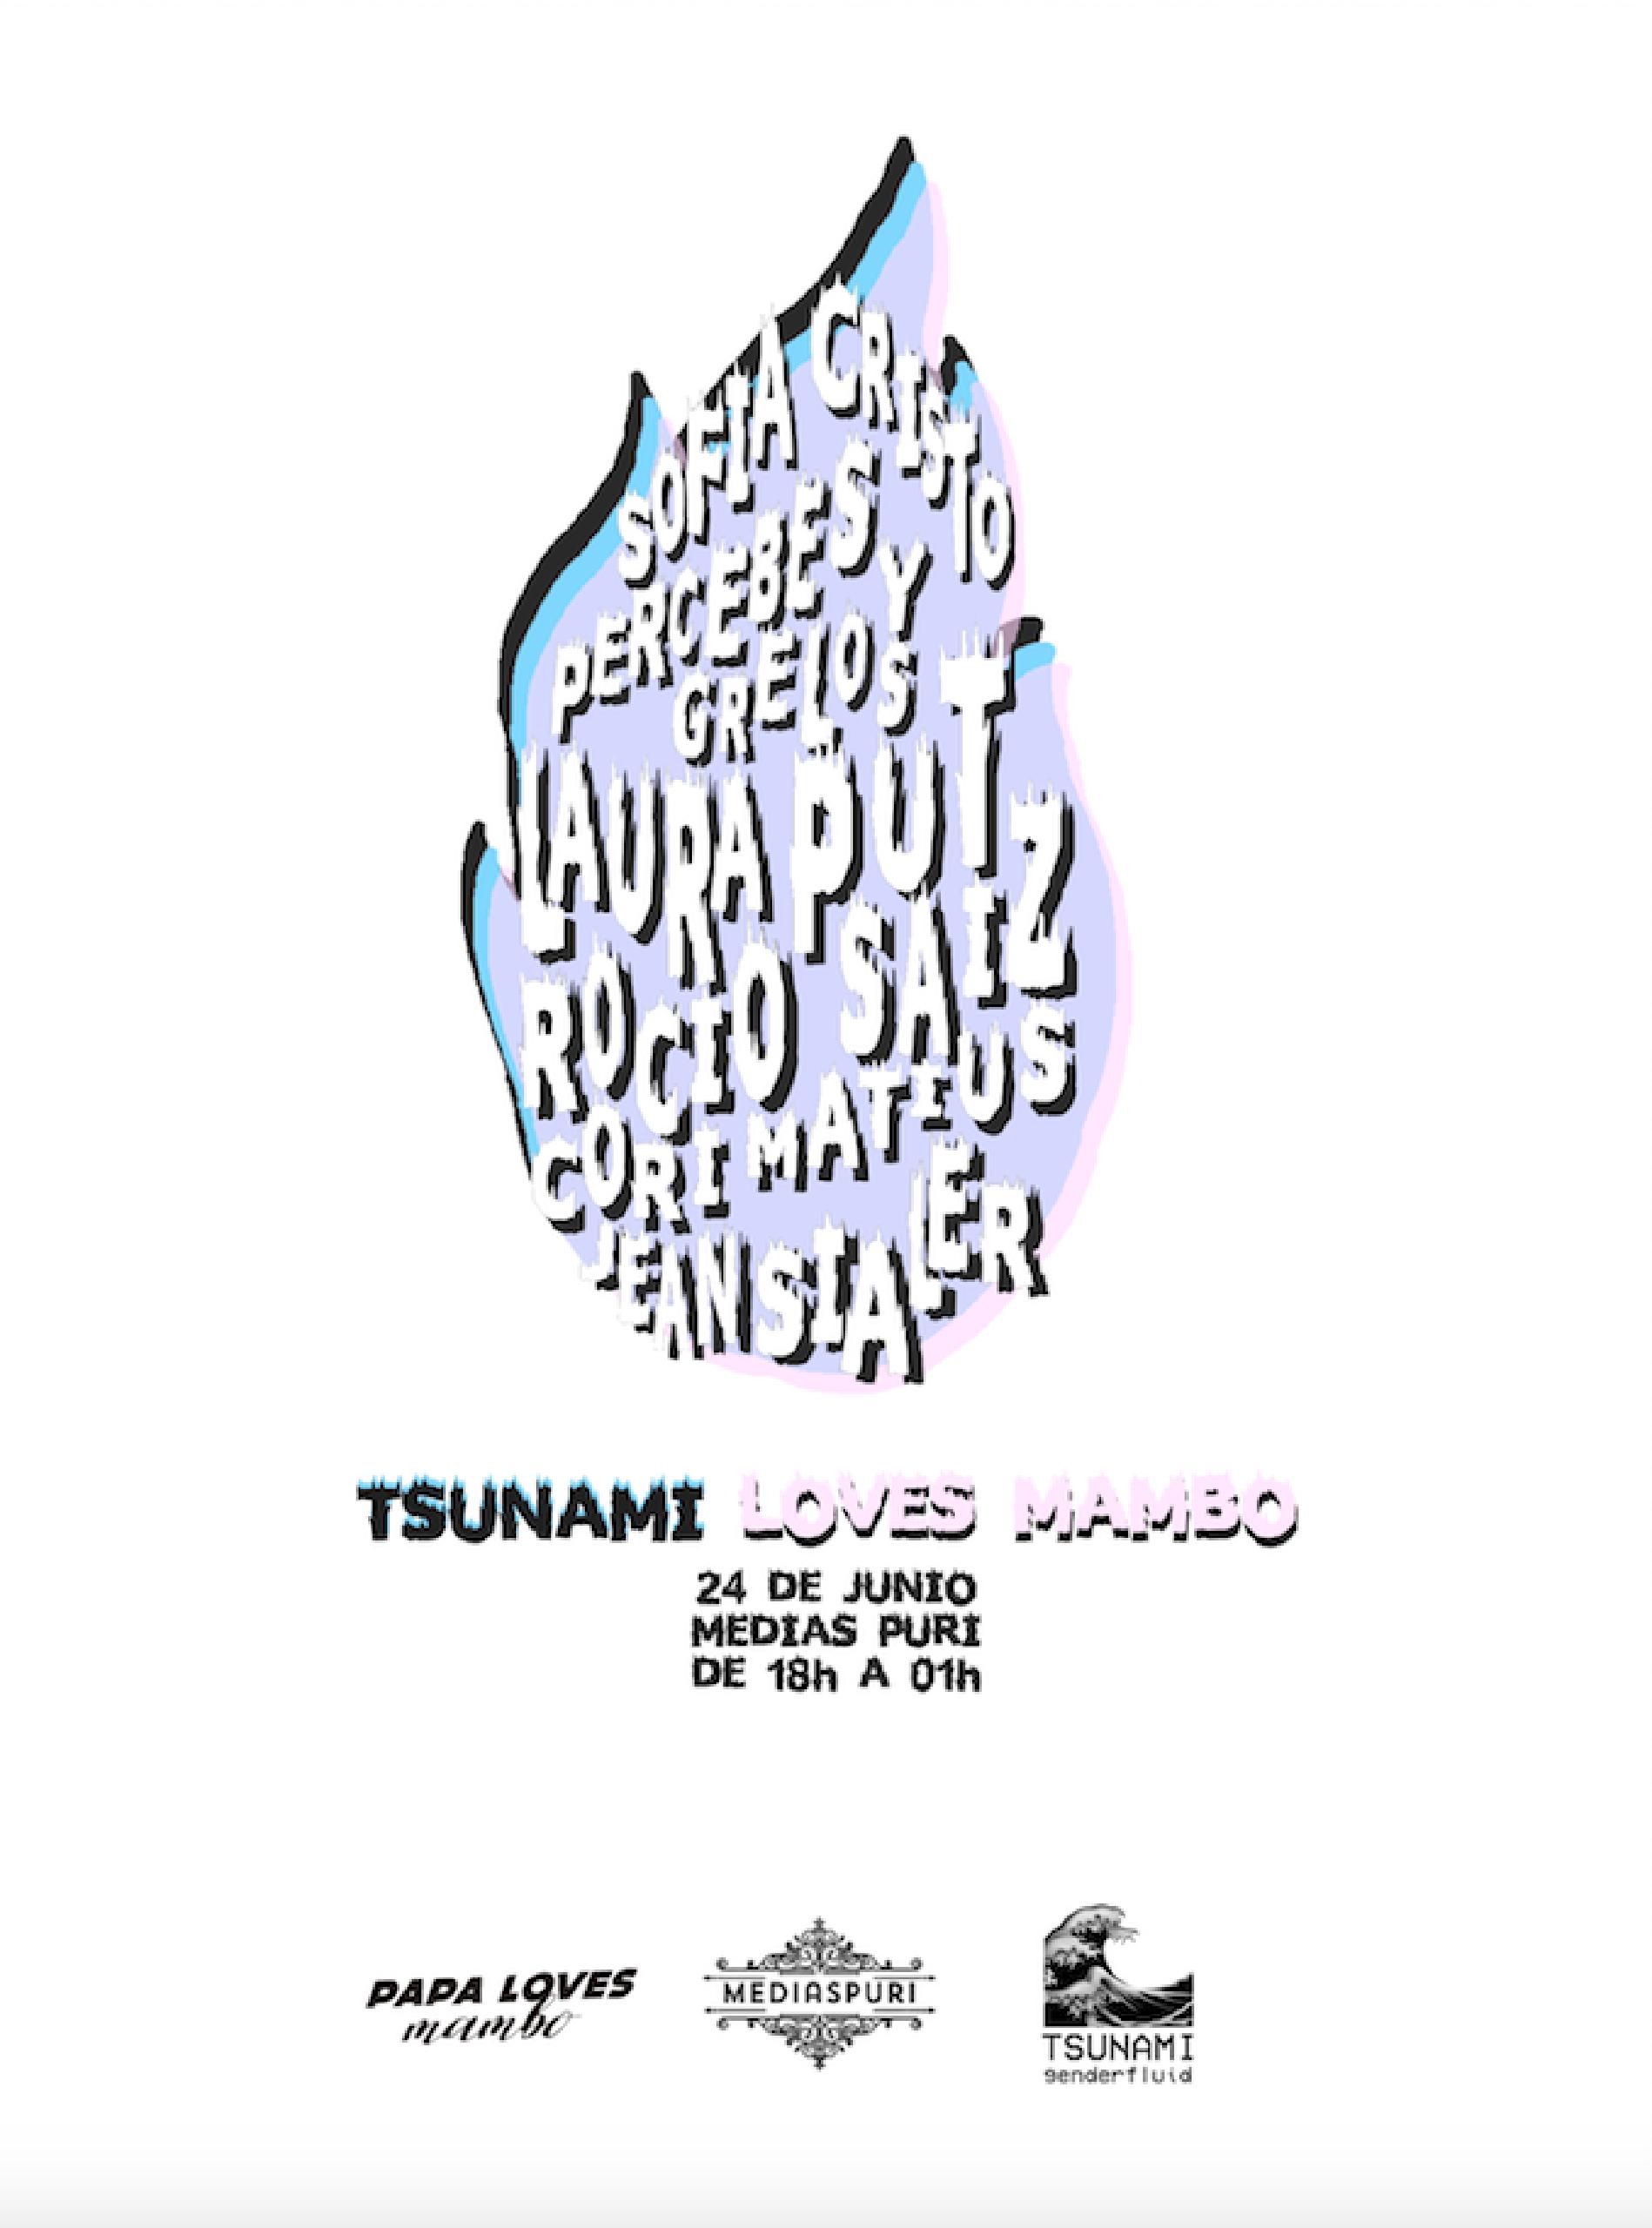 Tsunami Loves Mambo